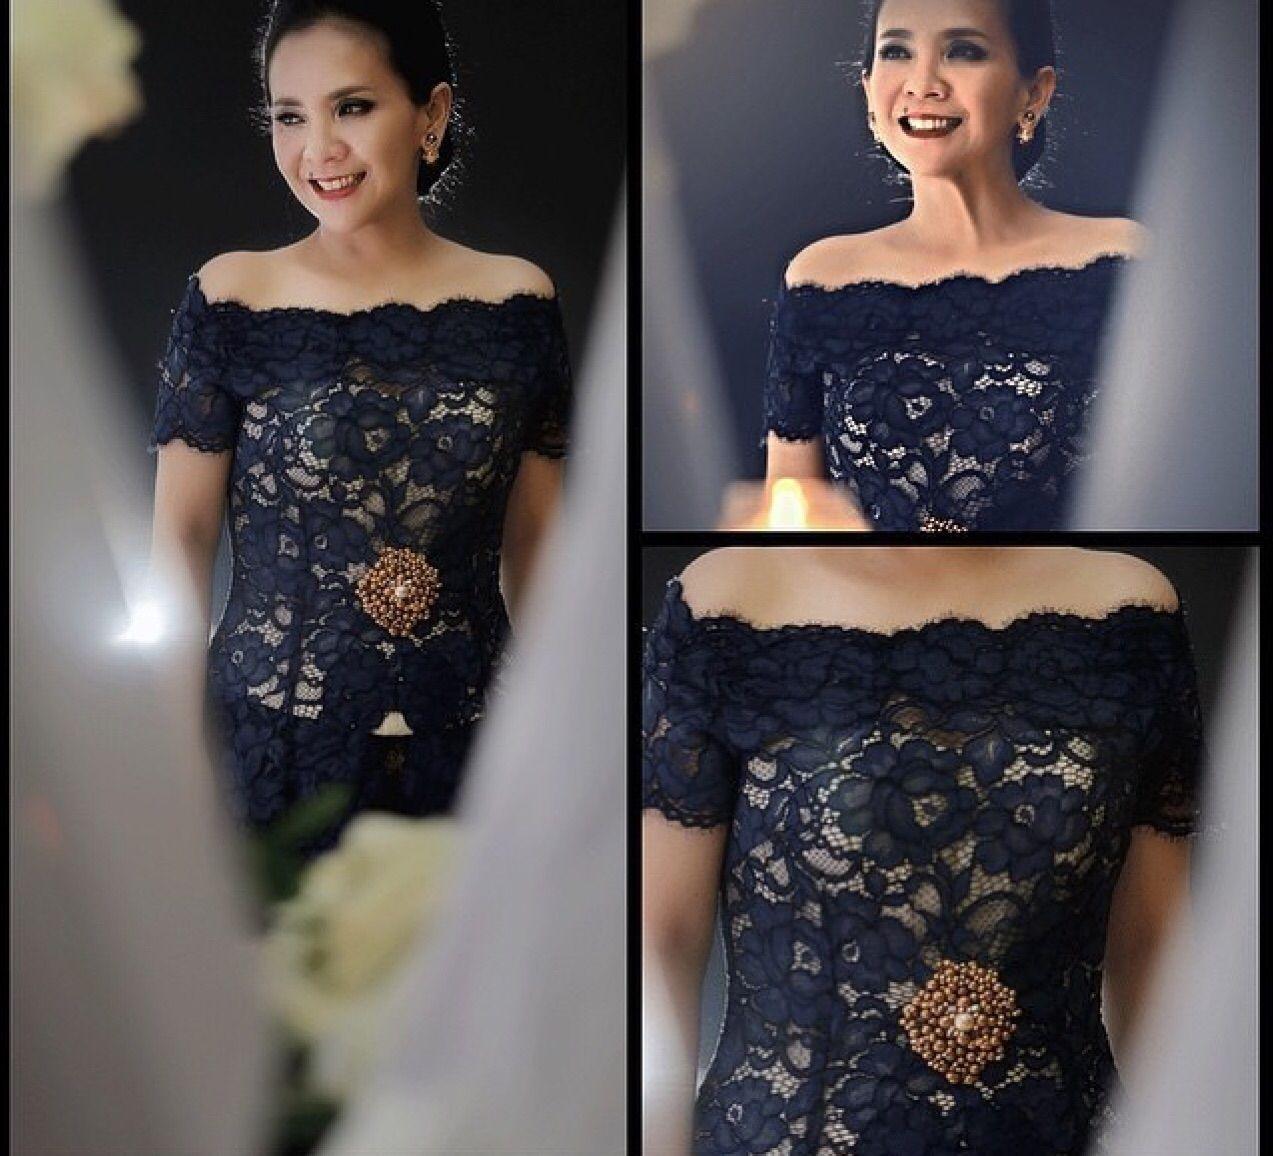 Kebaya Sabrina Indonesia Kebaya Kebaya Kebaya Dress Kebaya Sabrina